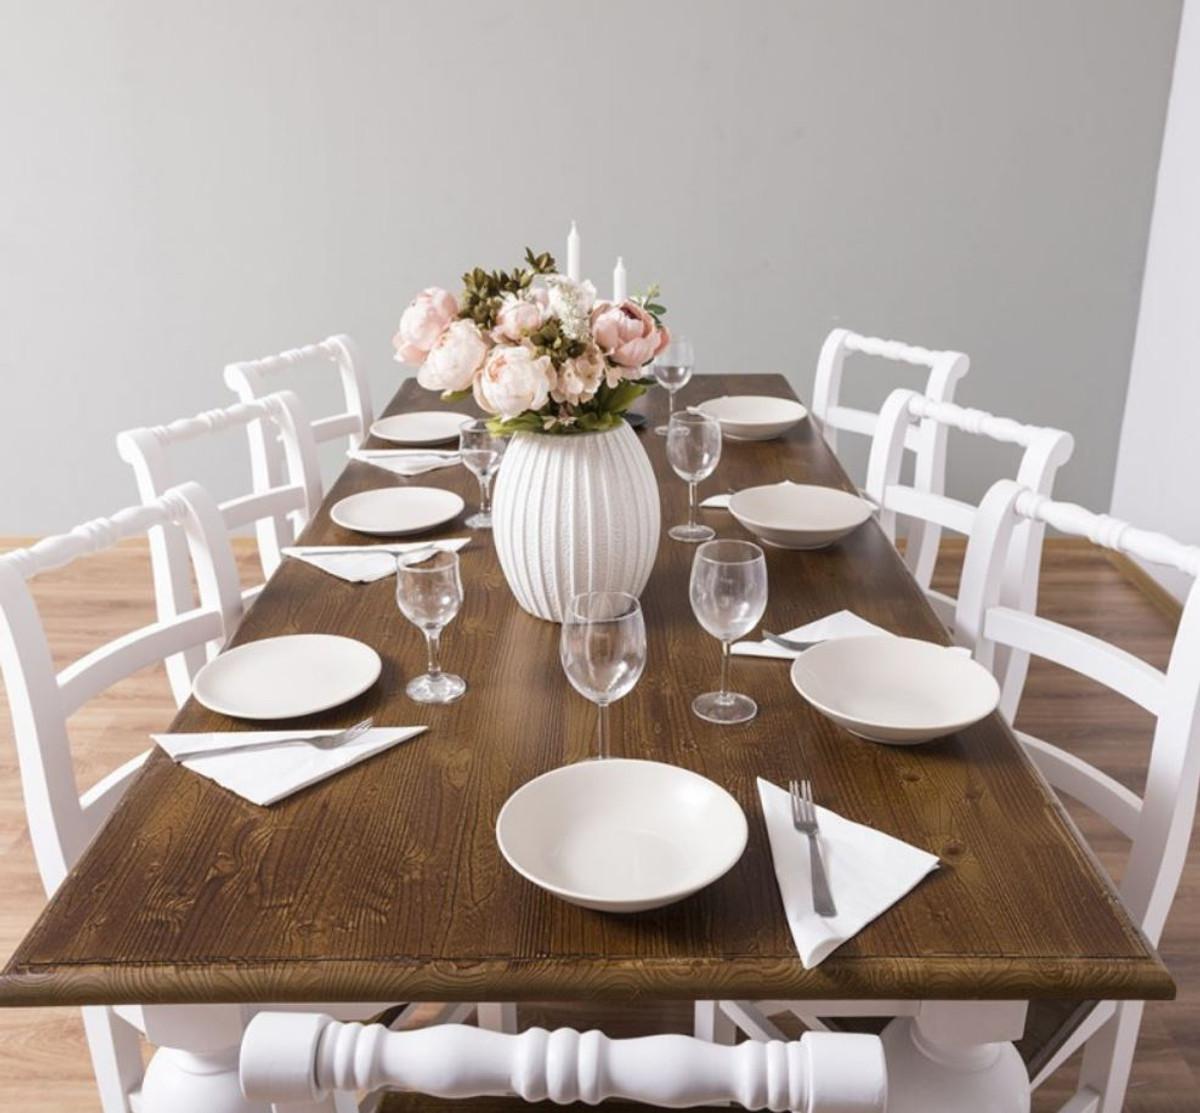 Casa Padrino Set Di Mobili Per Sala Da Pranzo In Stile Country Marrone Bianco 1 Tavolo Da Pranzo E 8 Sedie Per Sala Da Pranzo Mobili In Stile Country Casa Padrino De